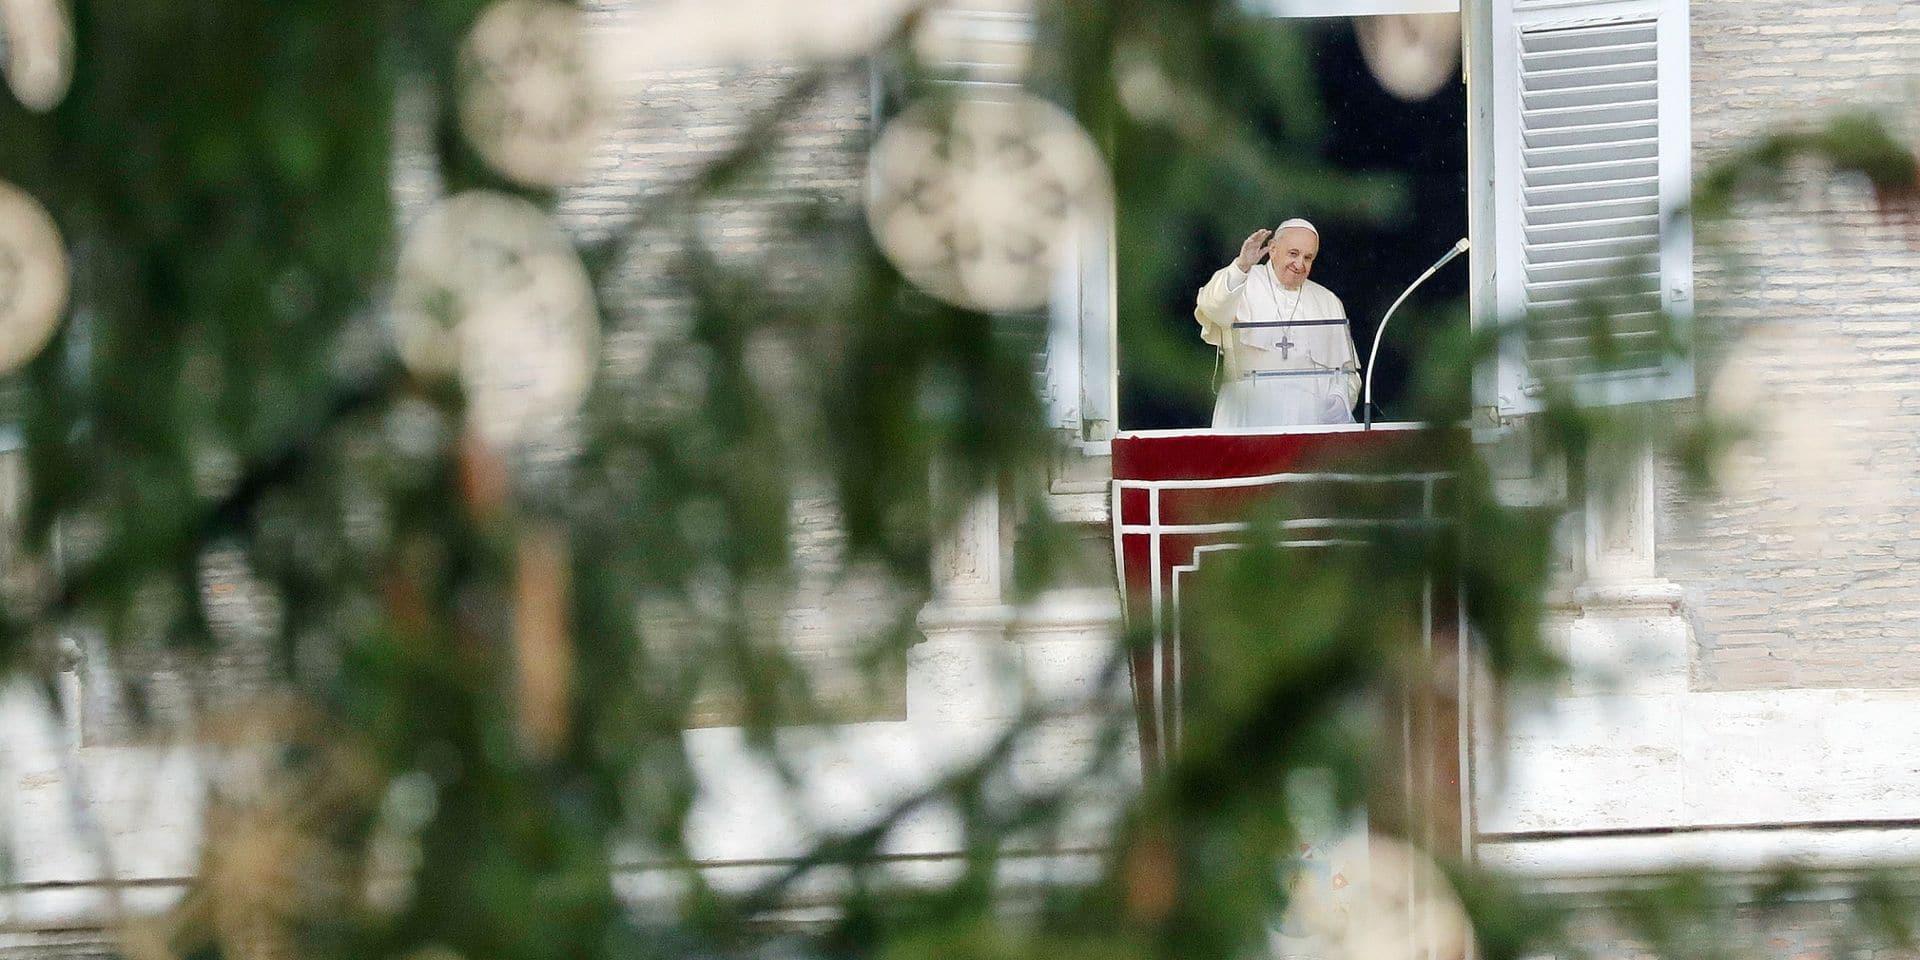 A Rome, la pandémie de coronavirus bouleverse les traditions